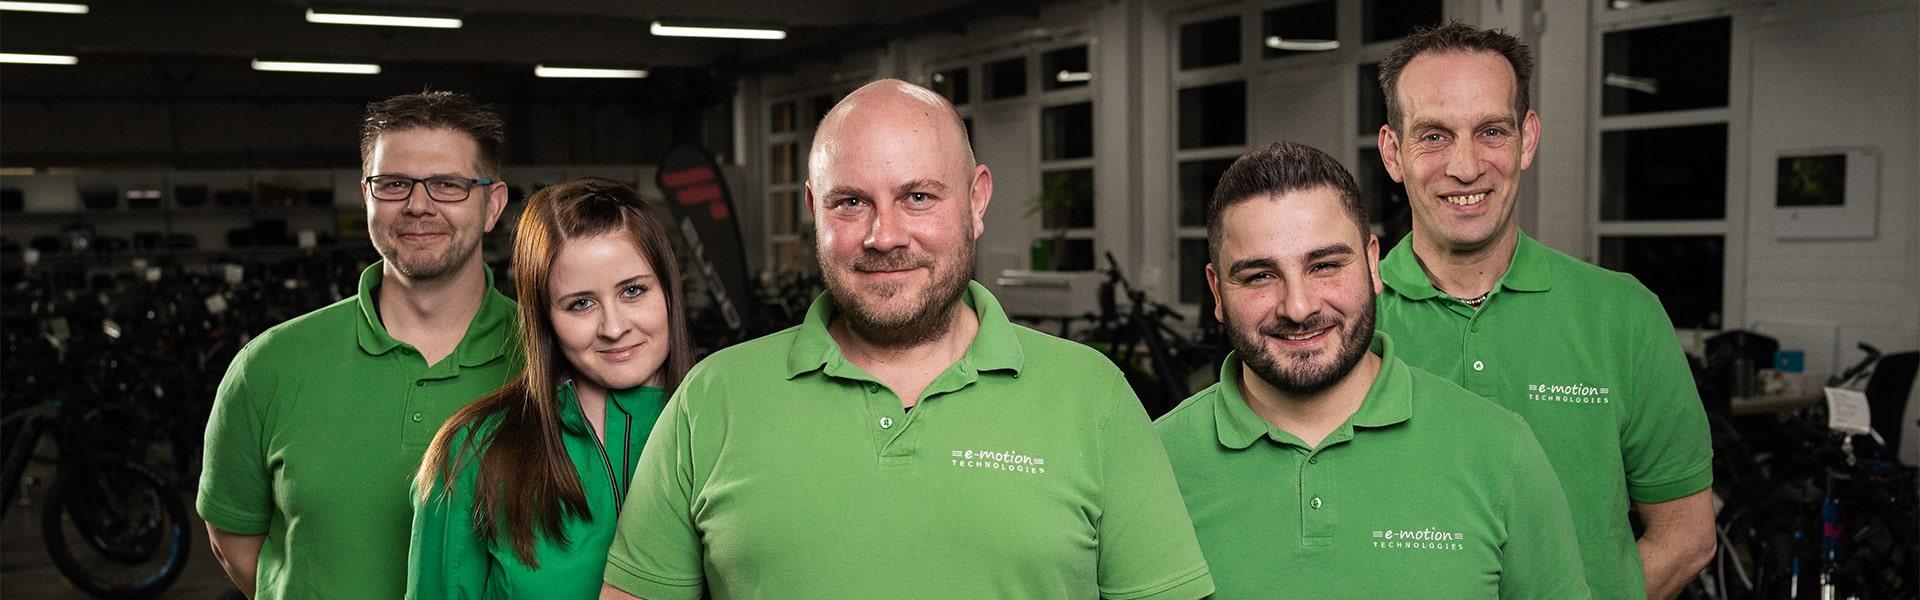 Das Team des e-motion e-Bike Premium-Shop Velbert